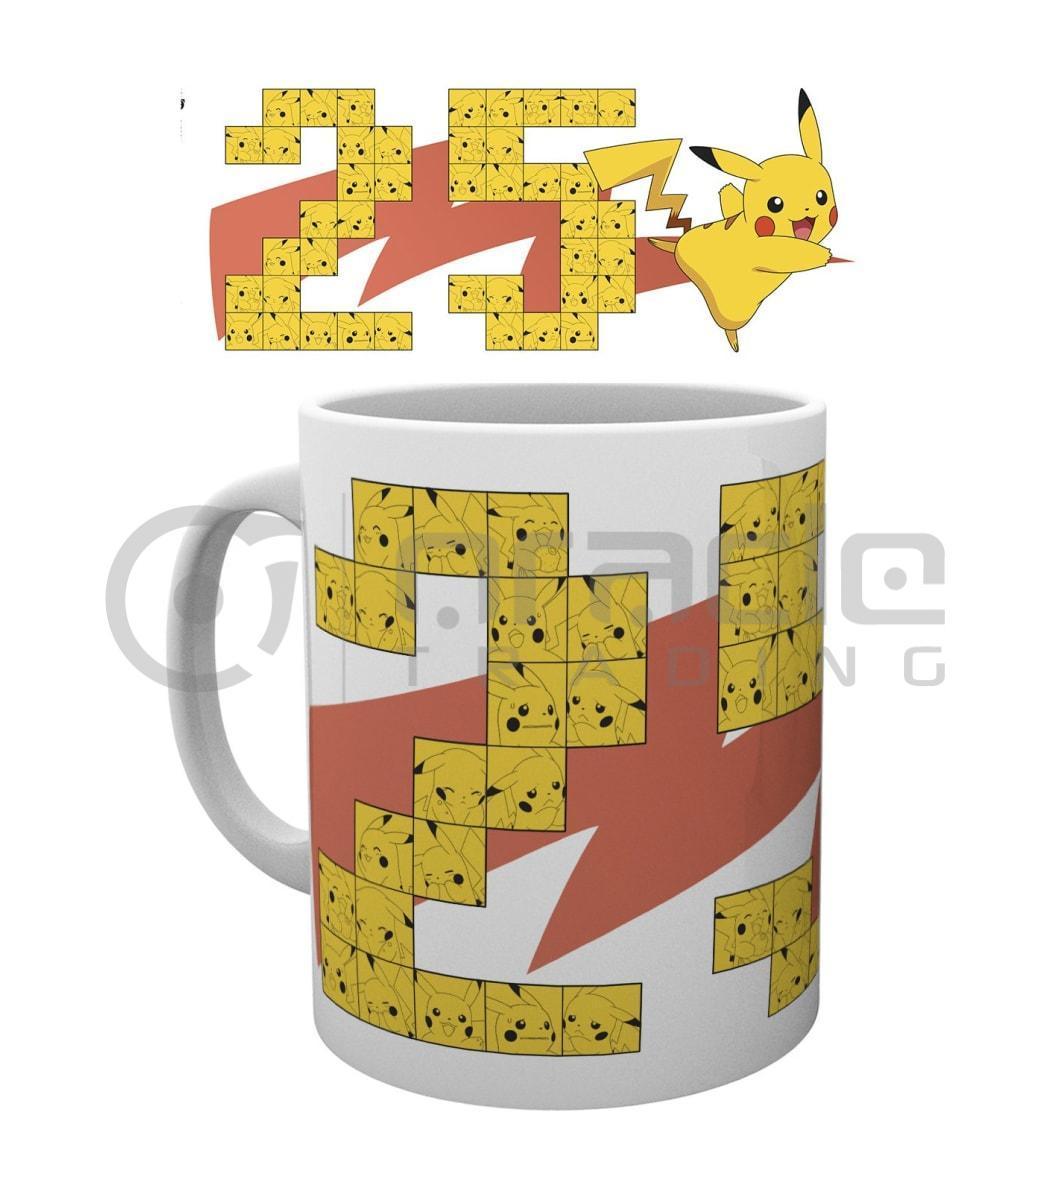 Pokémon Mug - #25